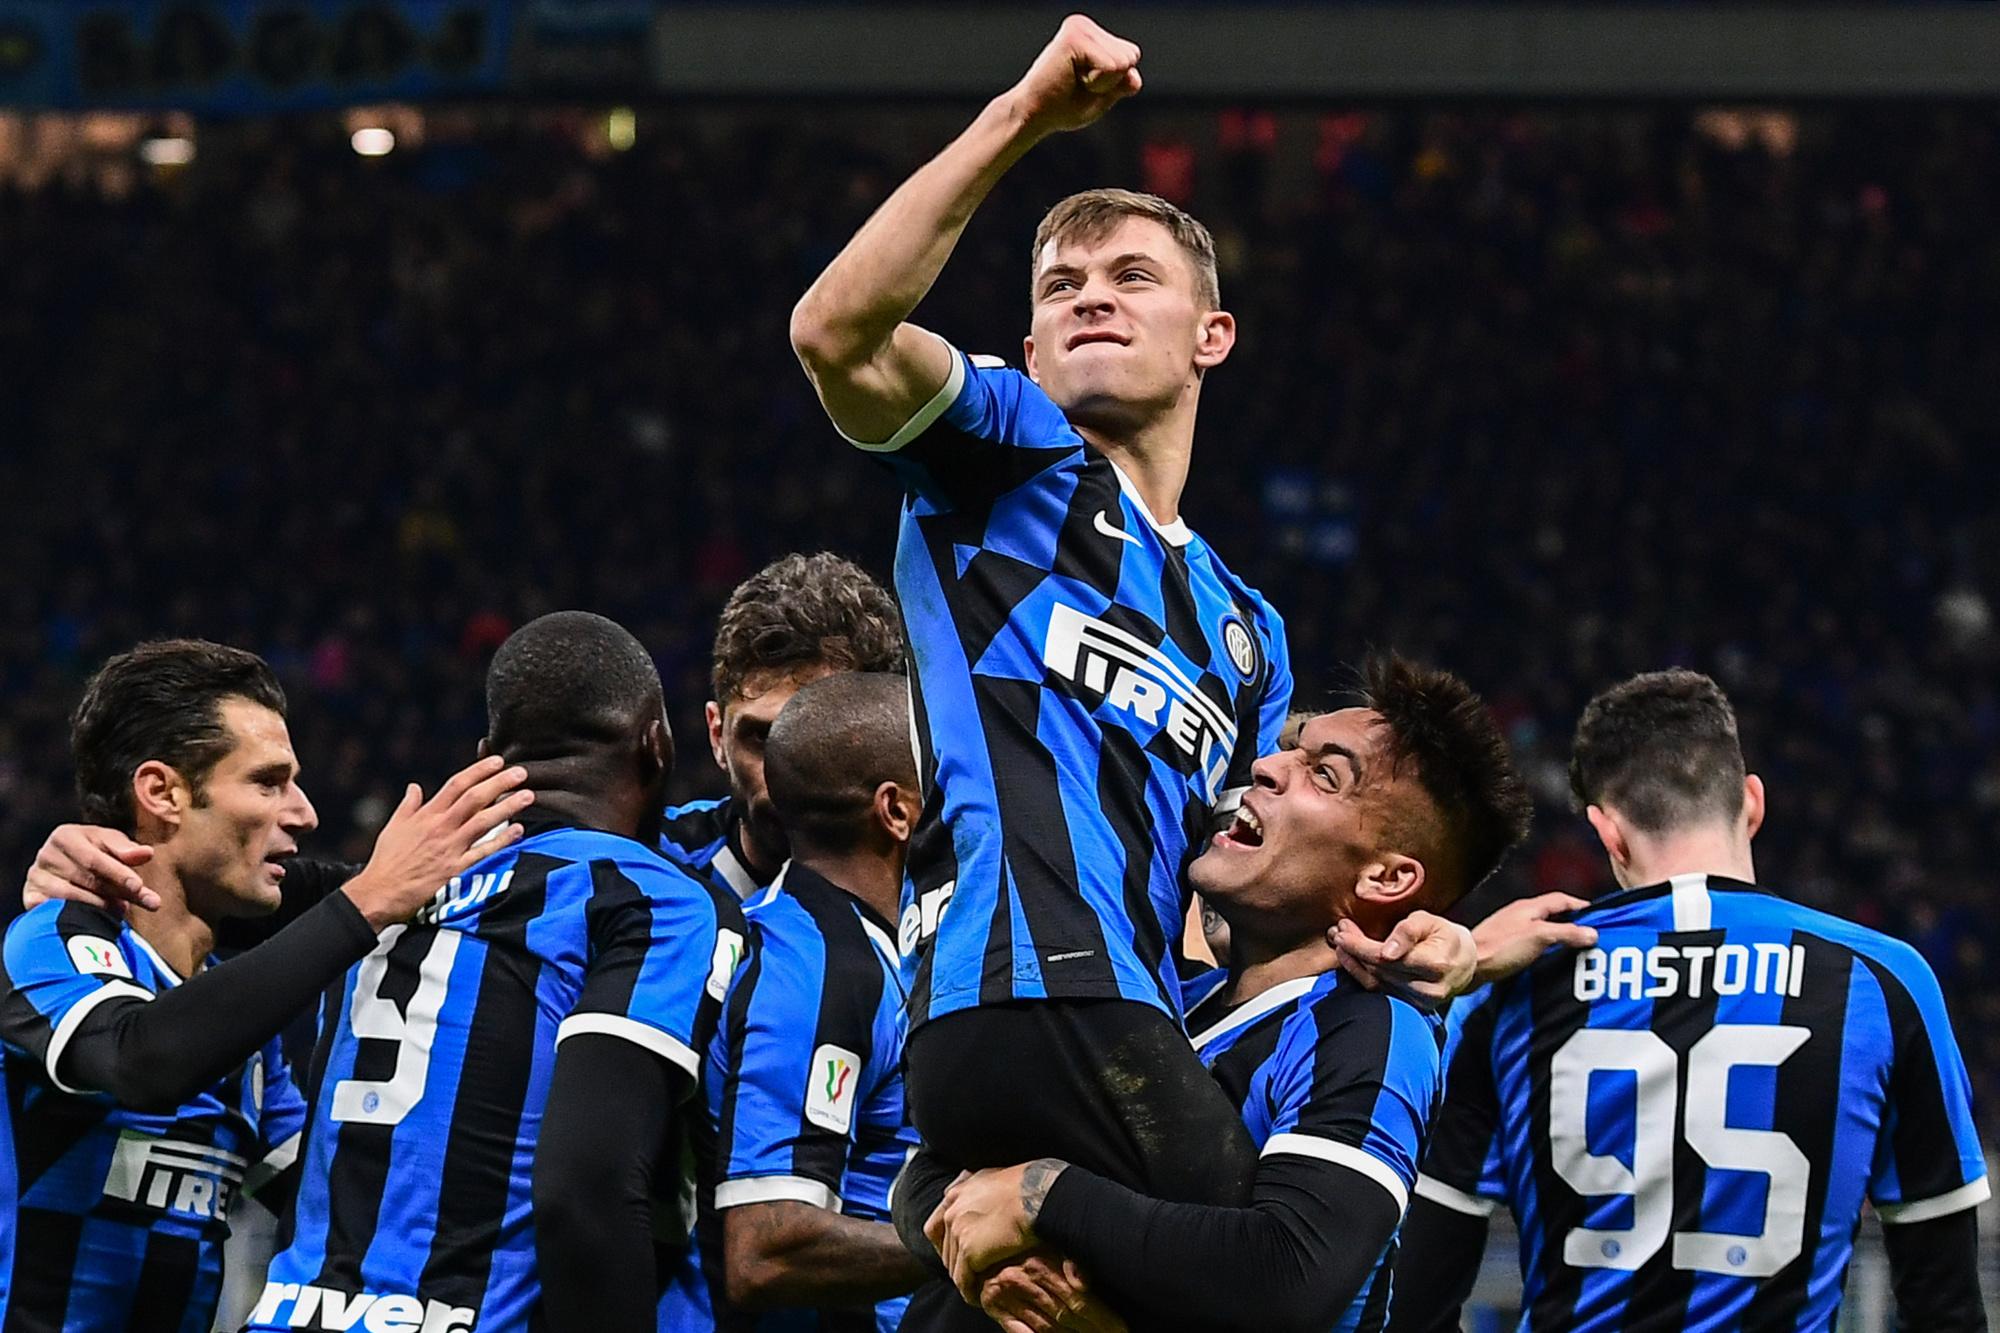 L'Inter veut s'offrir une nouvelle coupe européenne., AFP